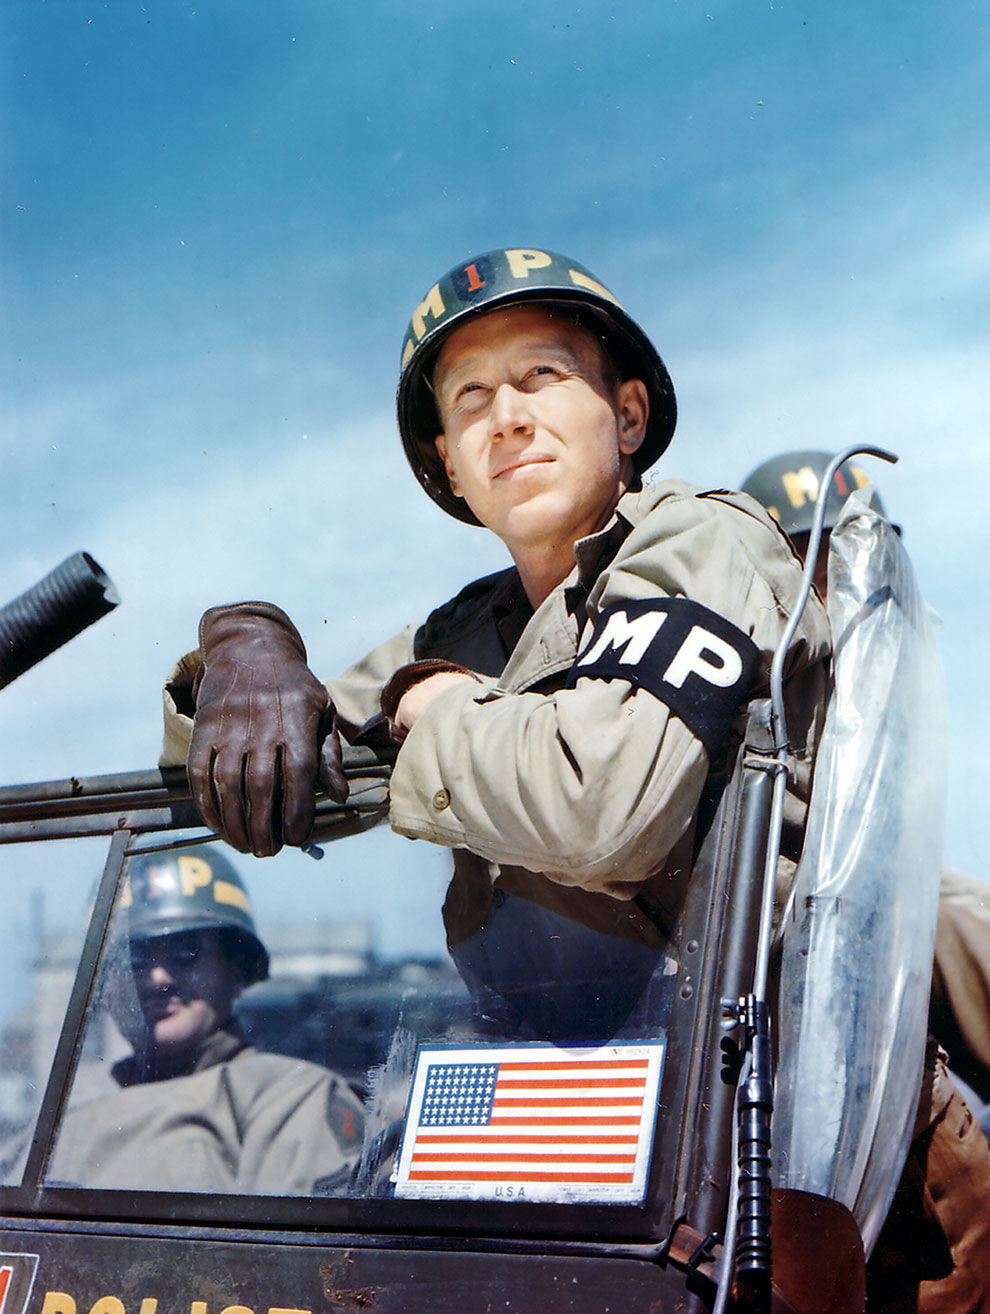 American_Soldier.jpg